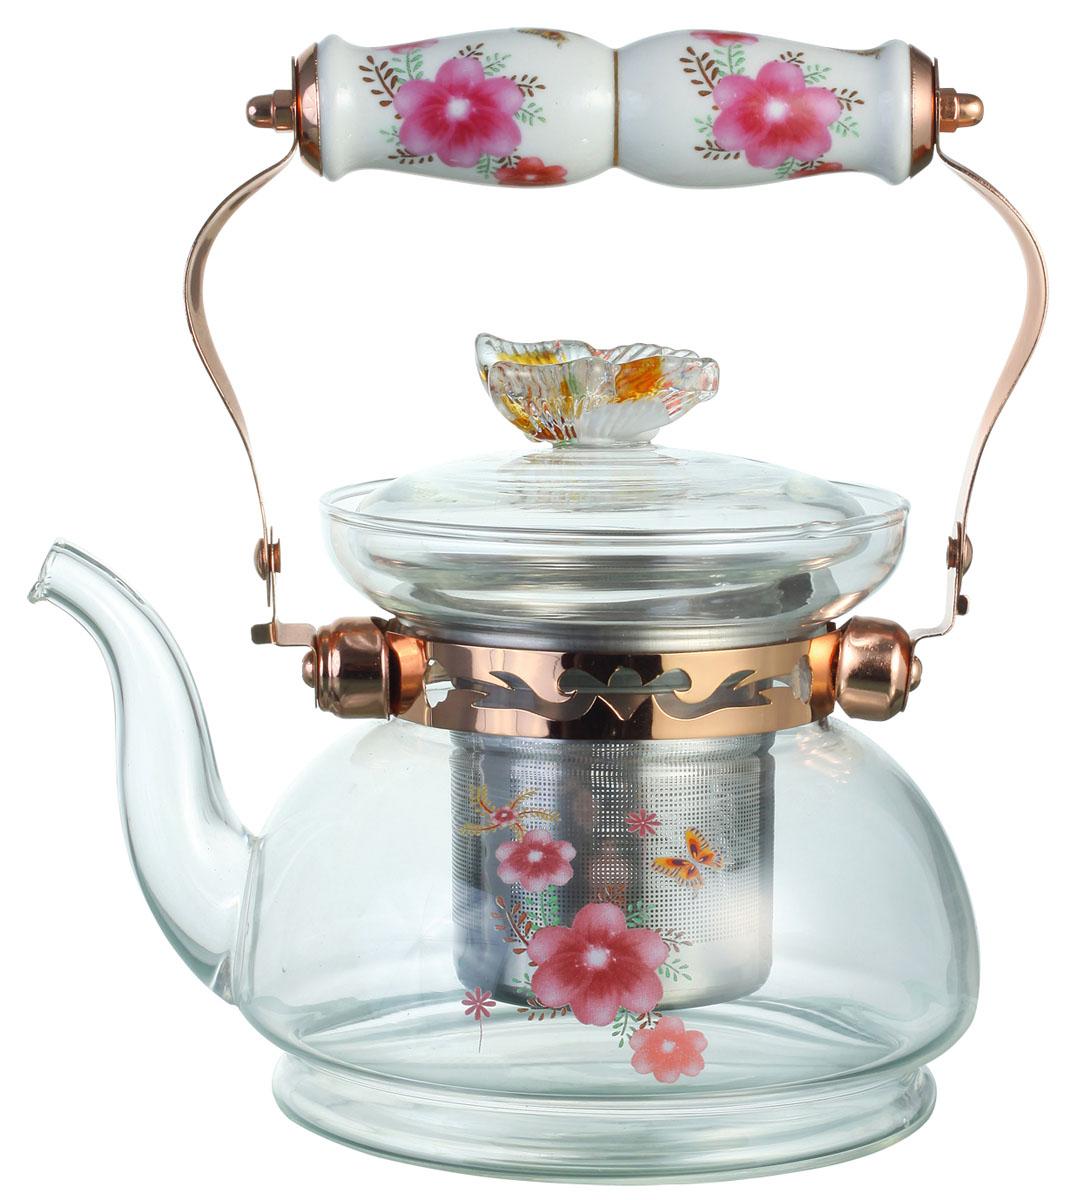 Чайник заварочный Bekker, цвет: розовые цветы, 1 л. BK-7616BK-7616Заварочный чайник Bekker выполнен из жаростойкого стекла, которое хорошо удерживает тепло. Ручка и съемное ситечко внутри чайника выполнены из высококачественной нержавеющей стали. Высокая ручка чайника, снабженная фарфоровой насадкой, позволяет с легкостью удерживать его на весу. Съемное ситечко для заварки предотвращает попадание чаинок и листочков в настой. Заварочный чайник украшен изящным рисунком, что придает ему элегантность. Заварочный чайник из стекла удобно использовать для повседневного заваривания чая практически любого сорта. Но цветочные, фруктовые, красные и желтые сорта чая лучше других раскрывают свой вкус и аромат при заваривании именно в стеклянных чайниках и сохраняют полезные ферменты и витамины, содержащиеся в чайных листах. Высота чайника: 13 см.